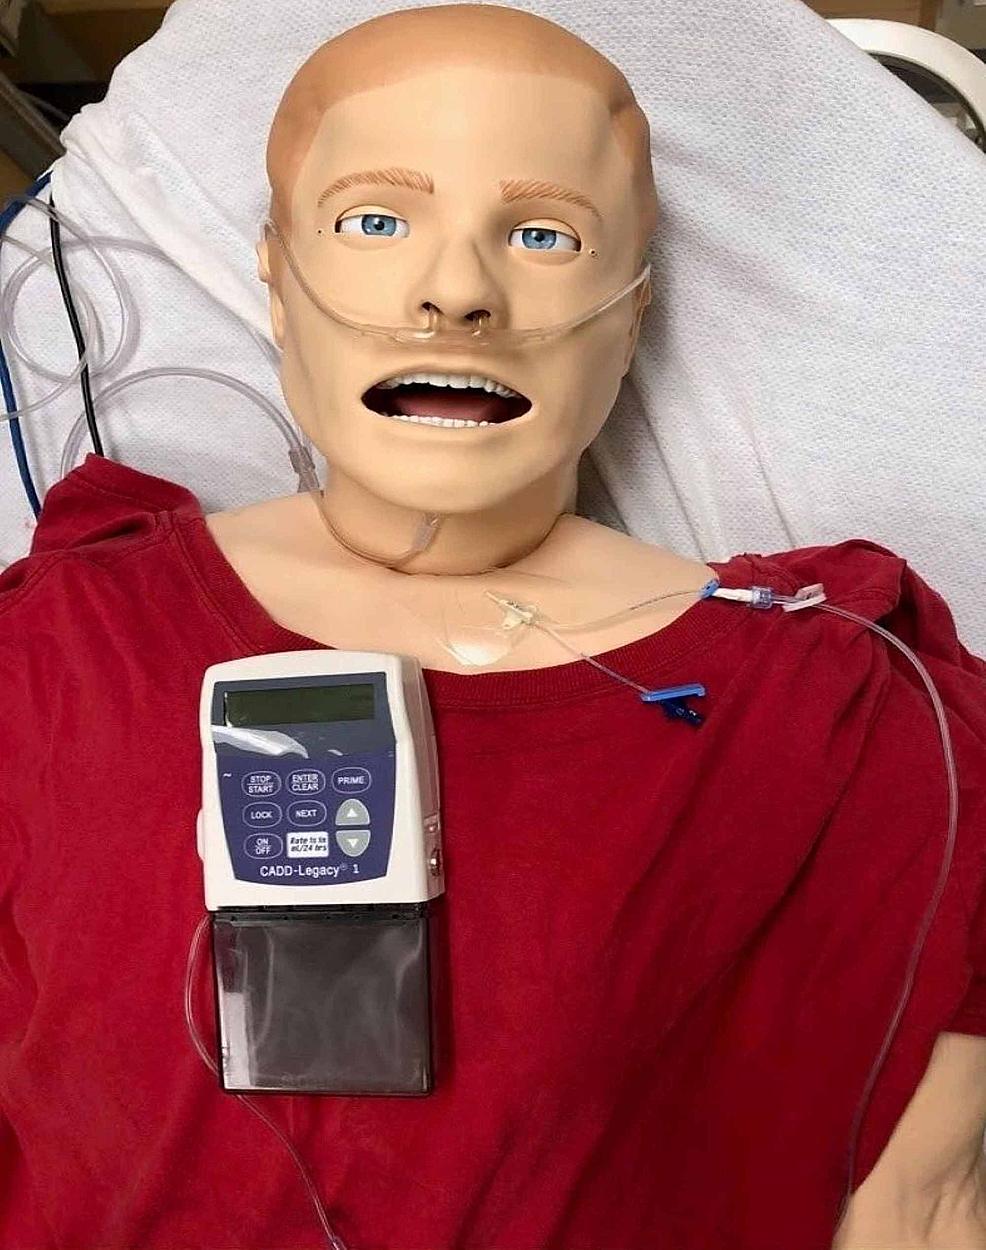 Intravenous-Remodulin®-pump-mannequin-setup